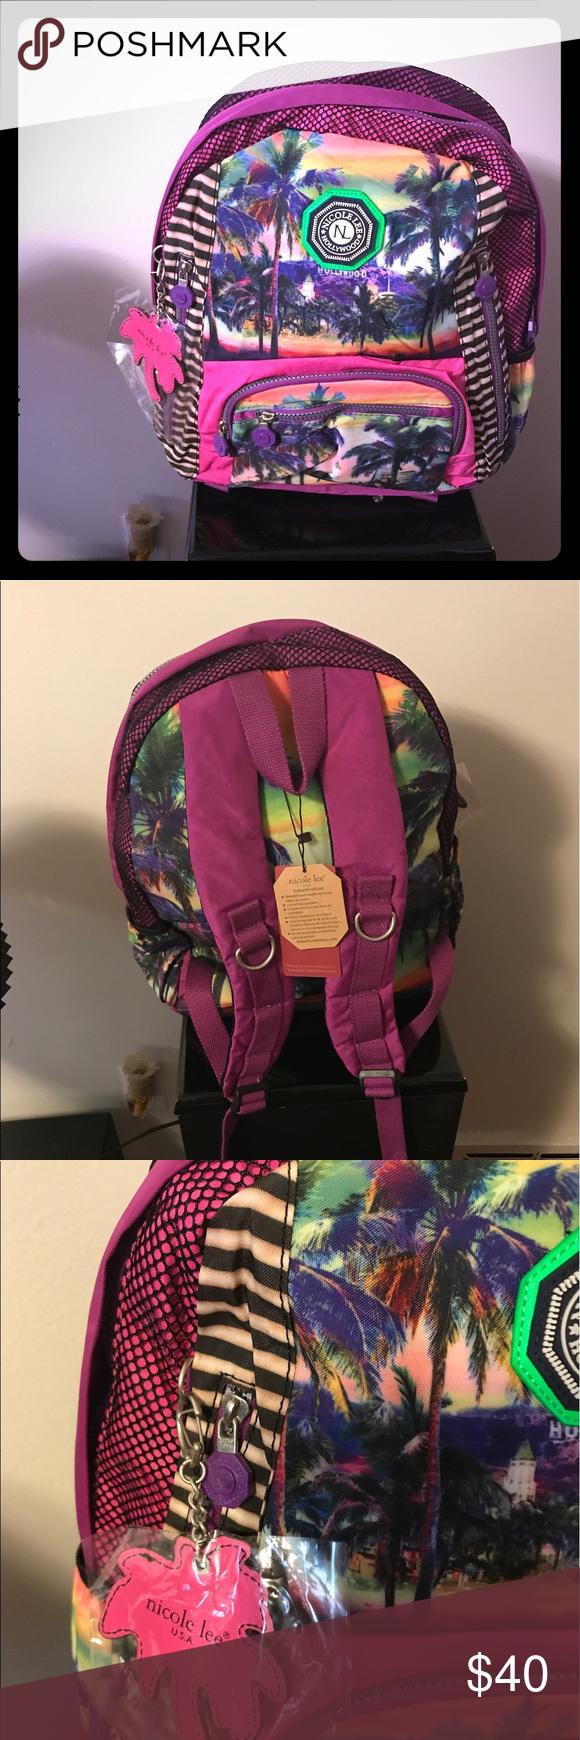 Brand New Nicole Lee Backpack Nicole Lee Hollywood colorful Backpack Nicole Lee Bags Backpacks